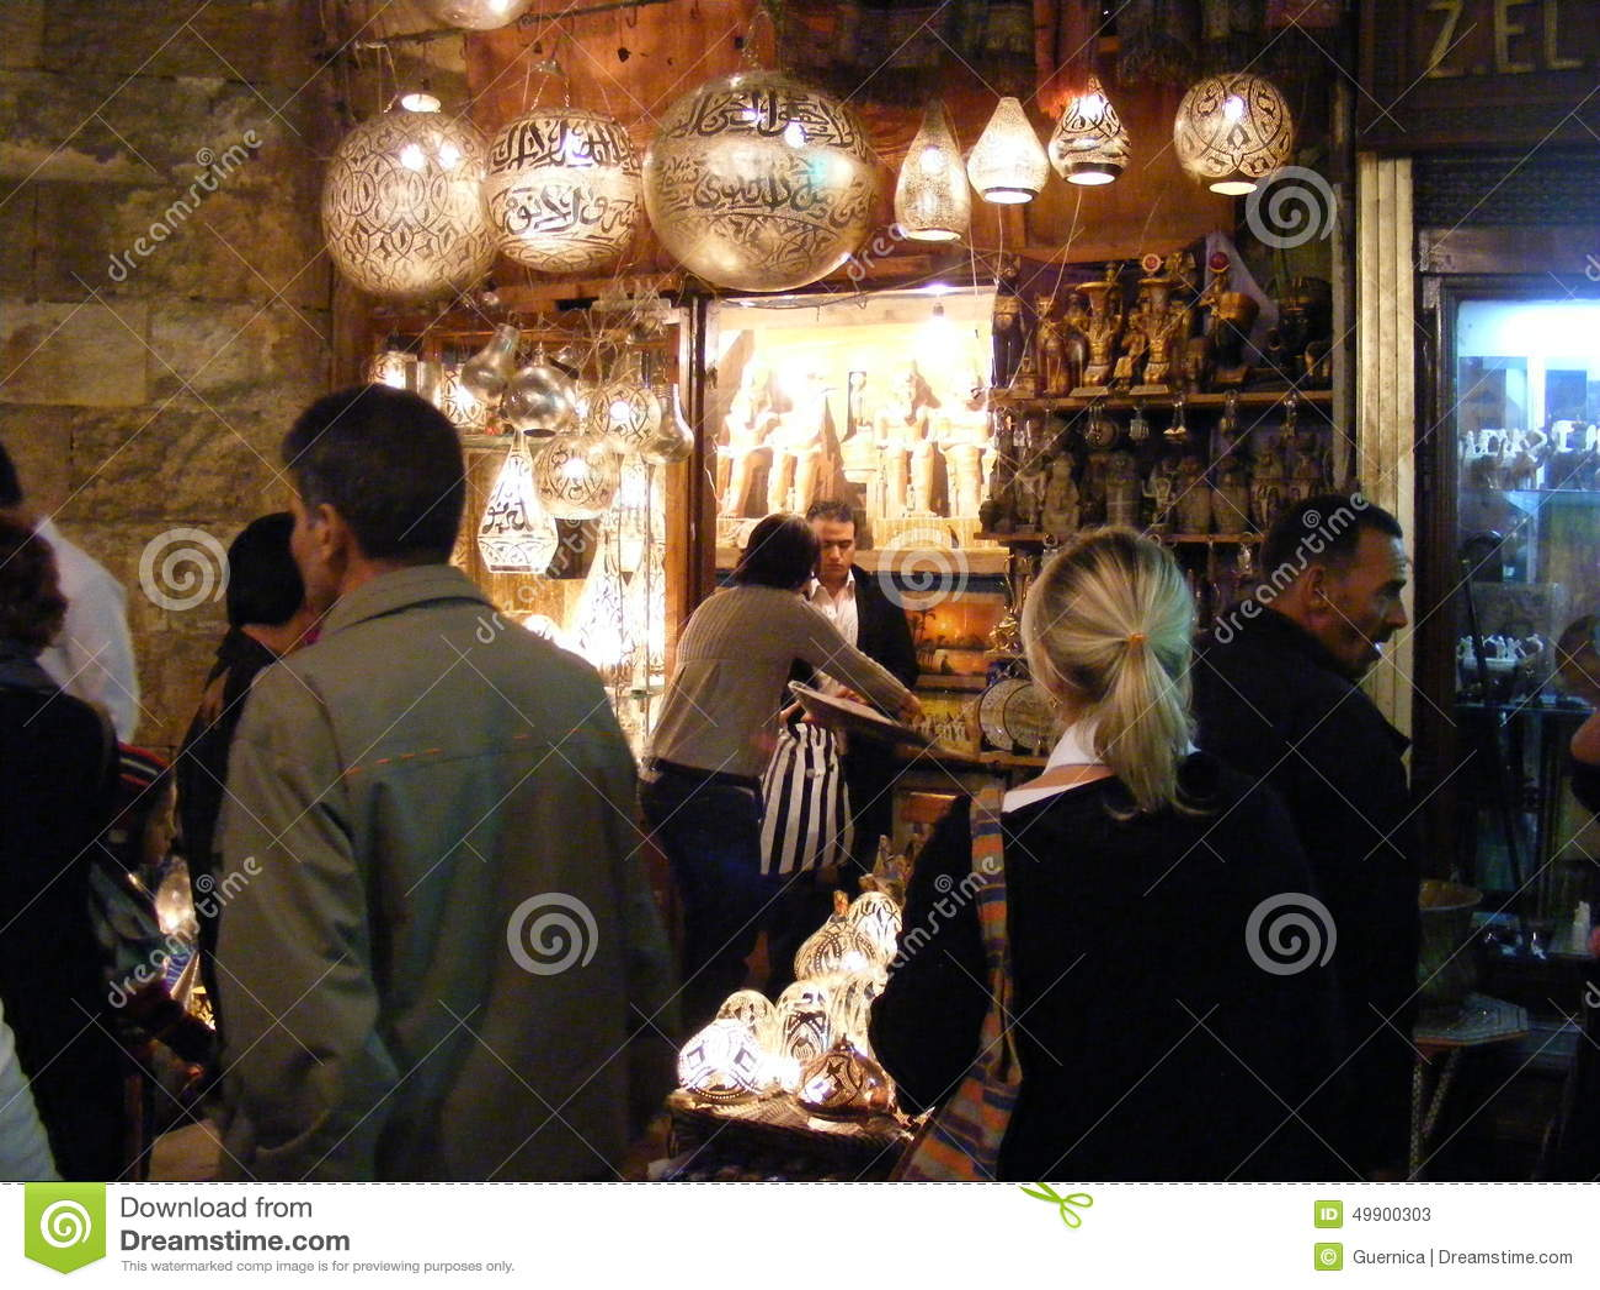 Shopverk ufer der kupferne lampen in khan el khalili souq for Cairo lampen